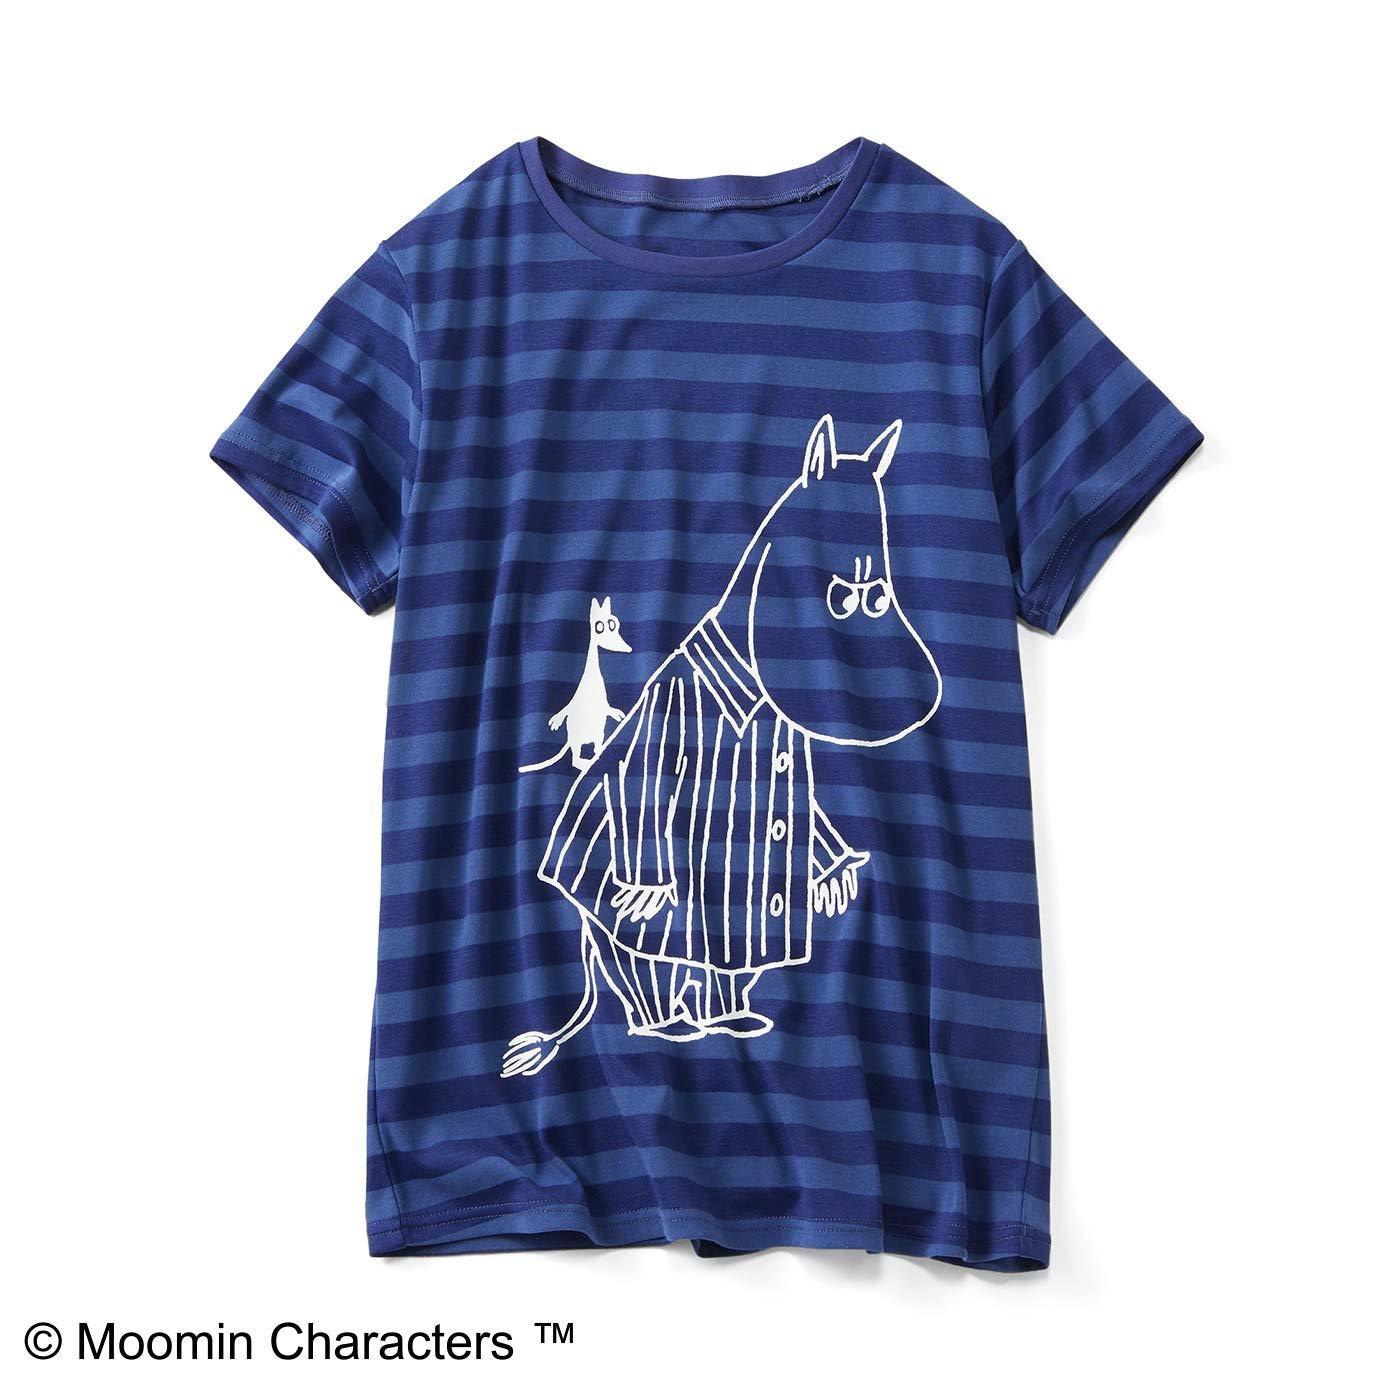 ムーミンと仲間たち 吸水速乾ボーダーTシャツ〈ブルー〉